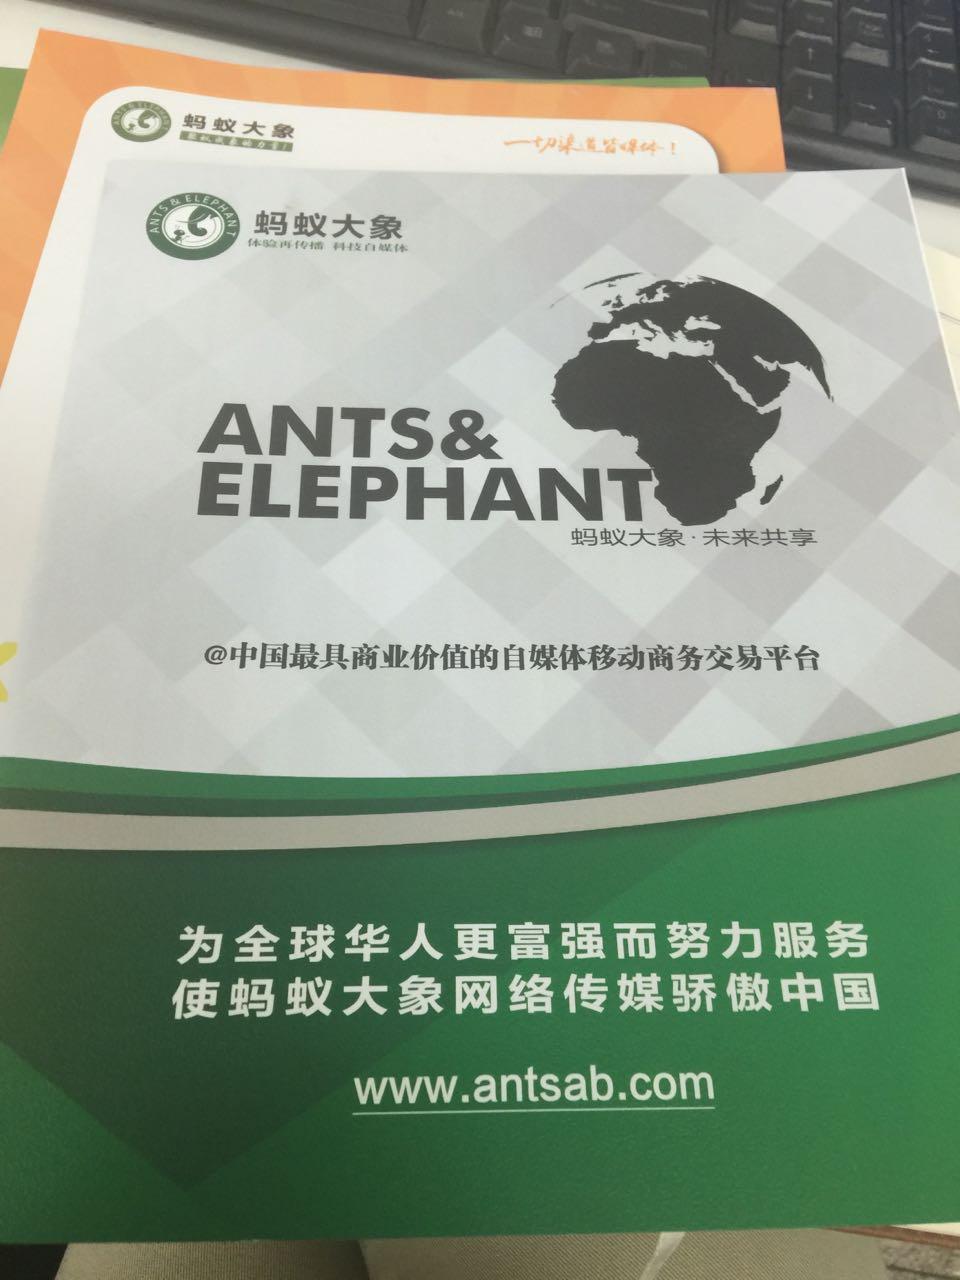 来自张振业发布的供应信息:蚂蚁大象网络自媒体:免费帮助商家企业打造...